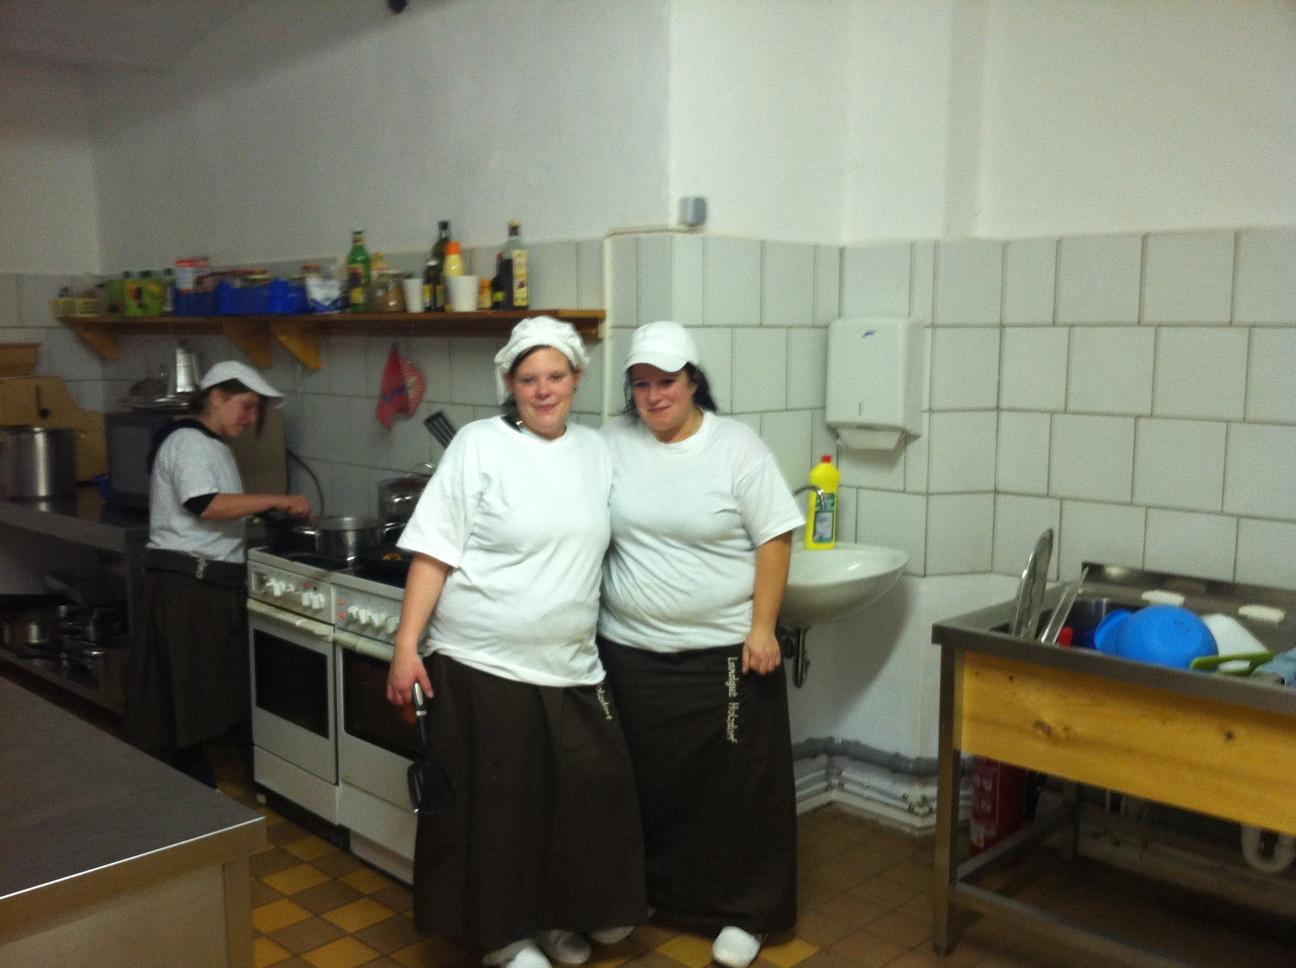 Teilnehmer in der Küche der Diakonie Landgut Holzdorf (Quelle: Frau Müller, LEB Thüringen)